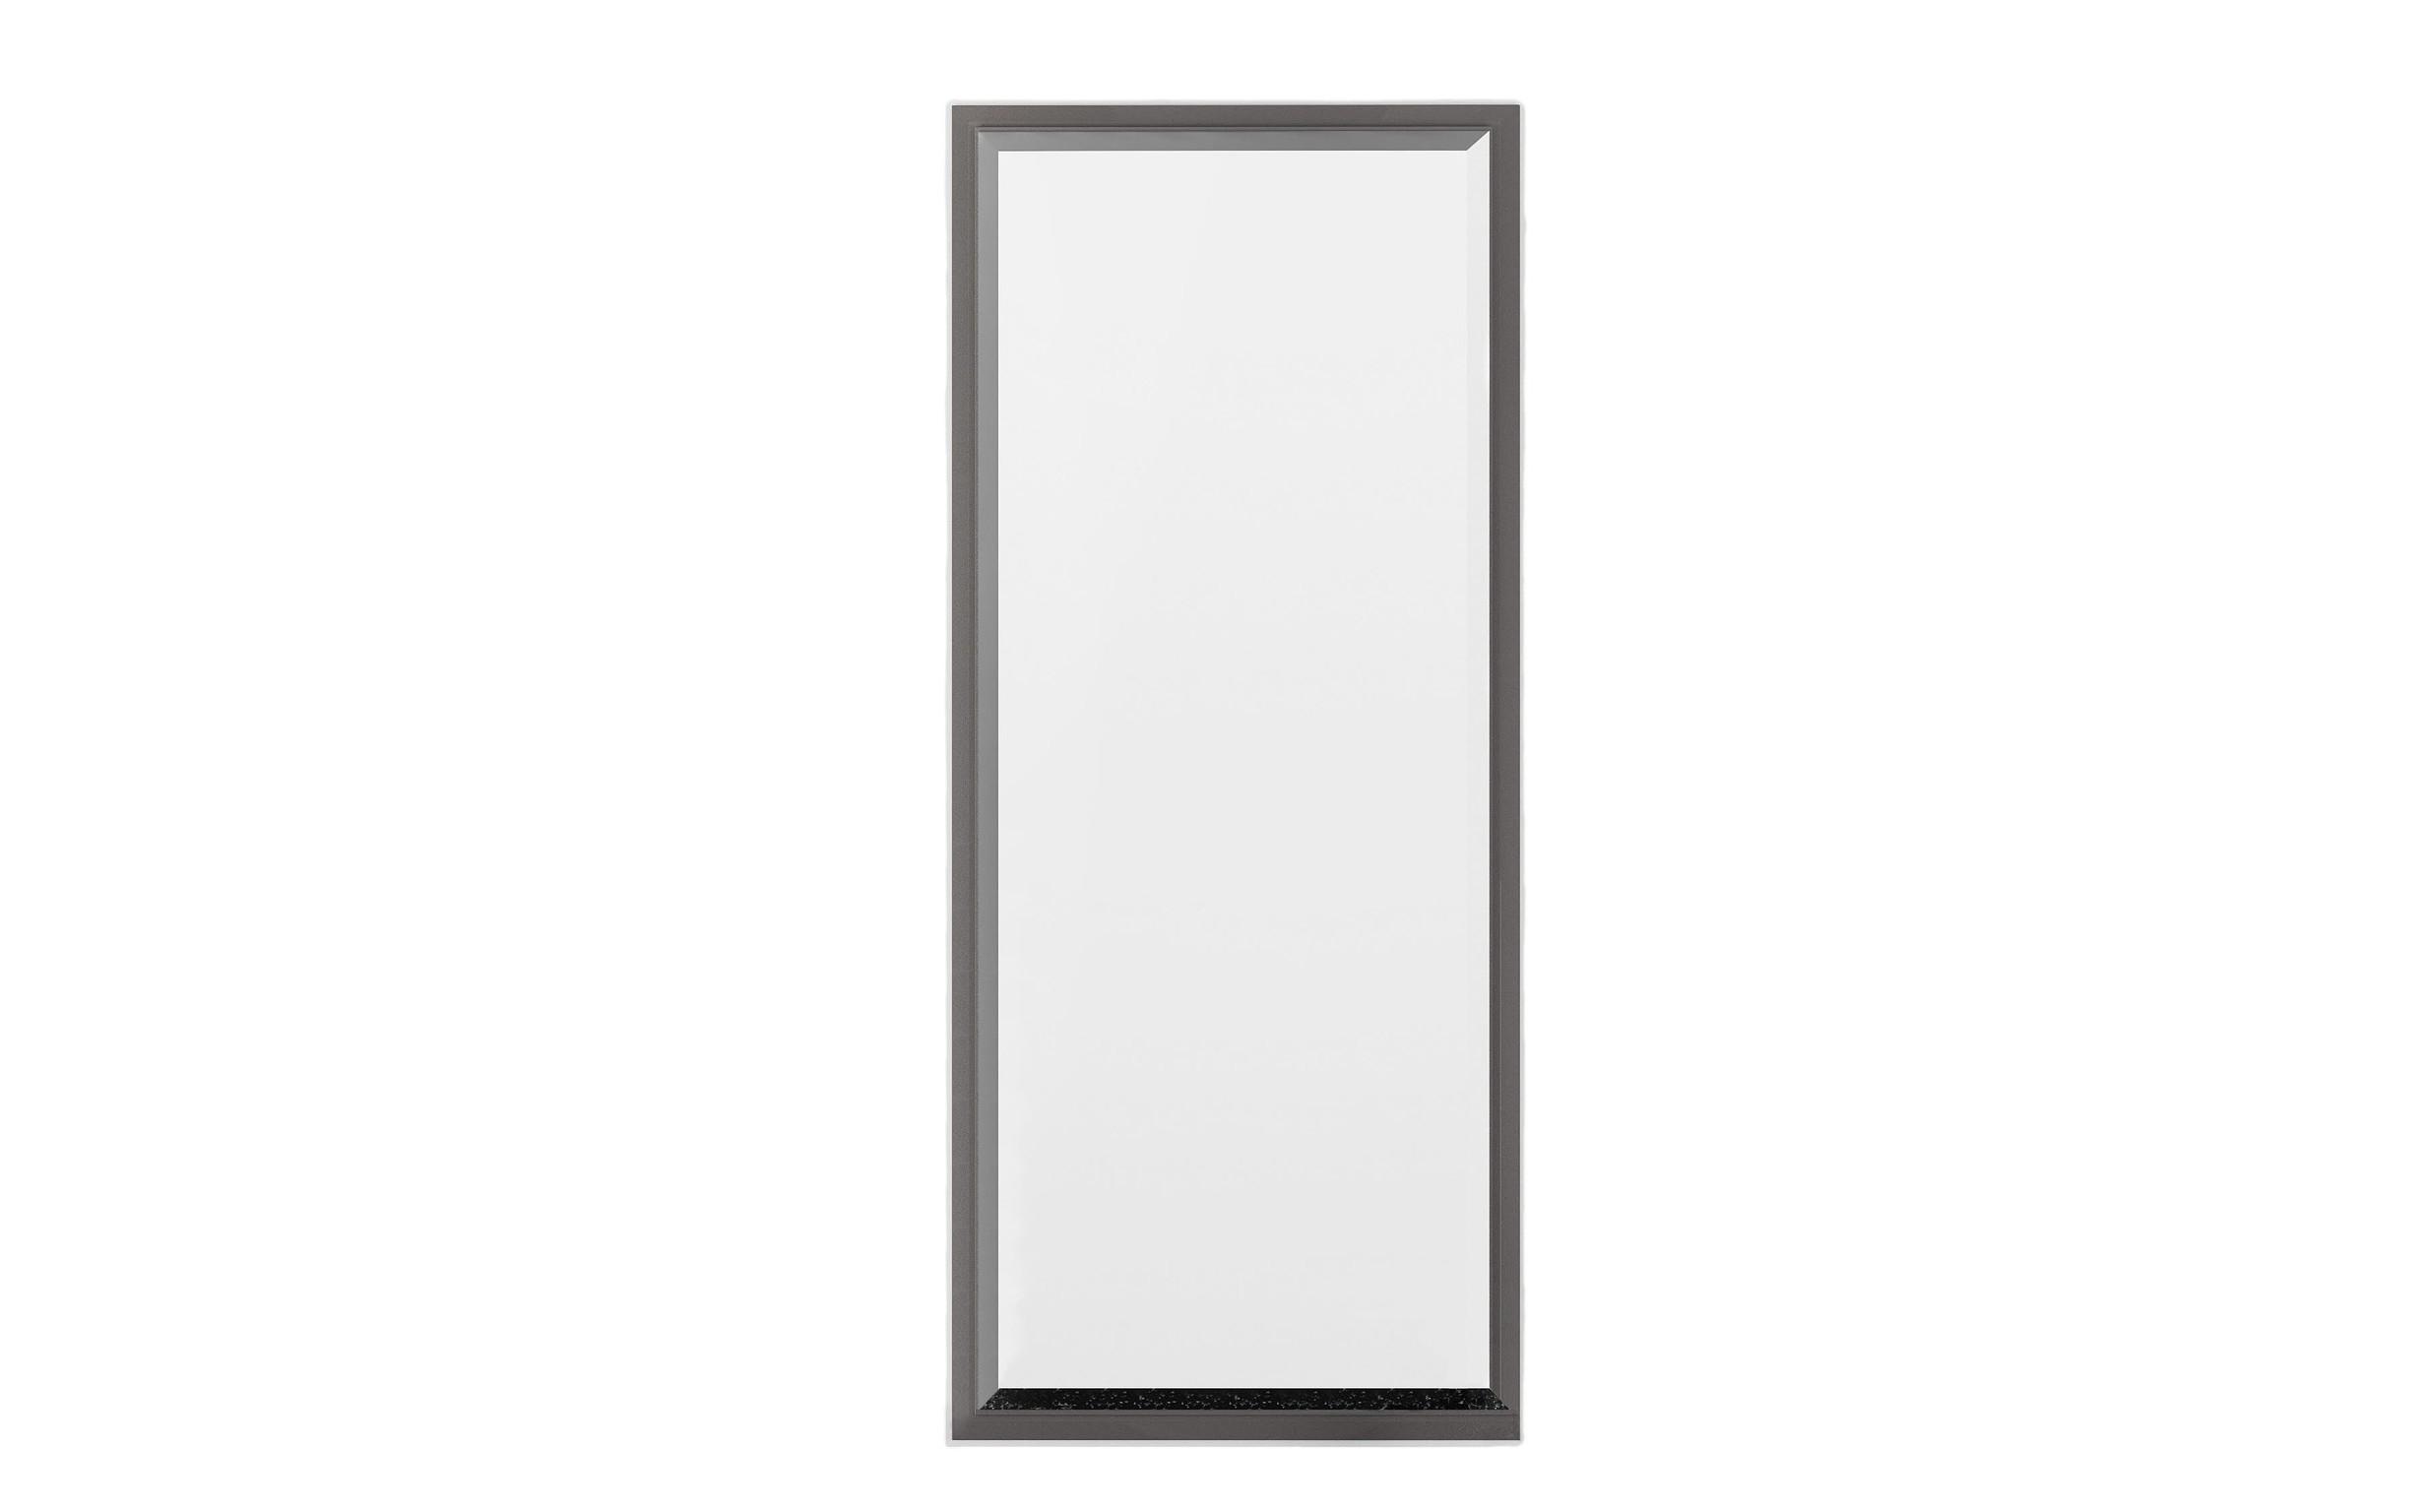 Зеркало RuhlmannНастенные зеркала<br>Зеркало RUHLMANN II OPAL выполнено из МДФ с влагостойкой пропиткой (Италия).&amp;amp;nbsp;&amp;lt;div&amp;gt;Зеркало влагостойкое с фацетом 15 мм.&amp;amp;nbsp;&amp;lt;/div&amp;gt;&amp;lt;div&amp;gt;Гарантия от производителя 12 месяцев.&amp;amp;nbsp;&amp;lt;/div&amp;gt;<br><br>Material: МДФ<br>Width см: 38<br>Depth см: 1.5<br>Height см: 90